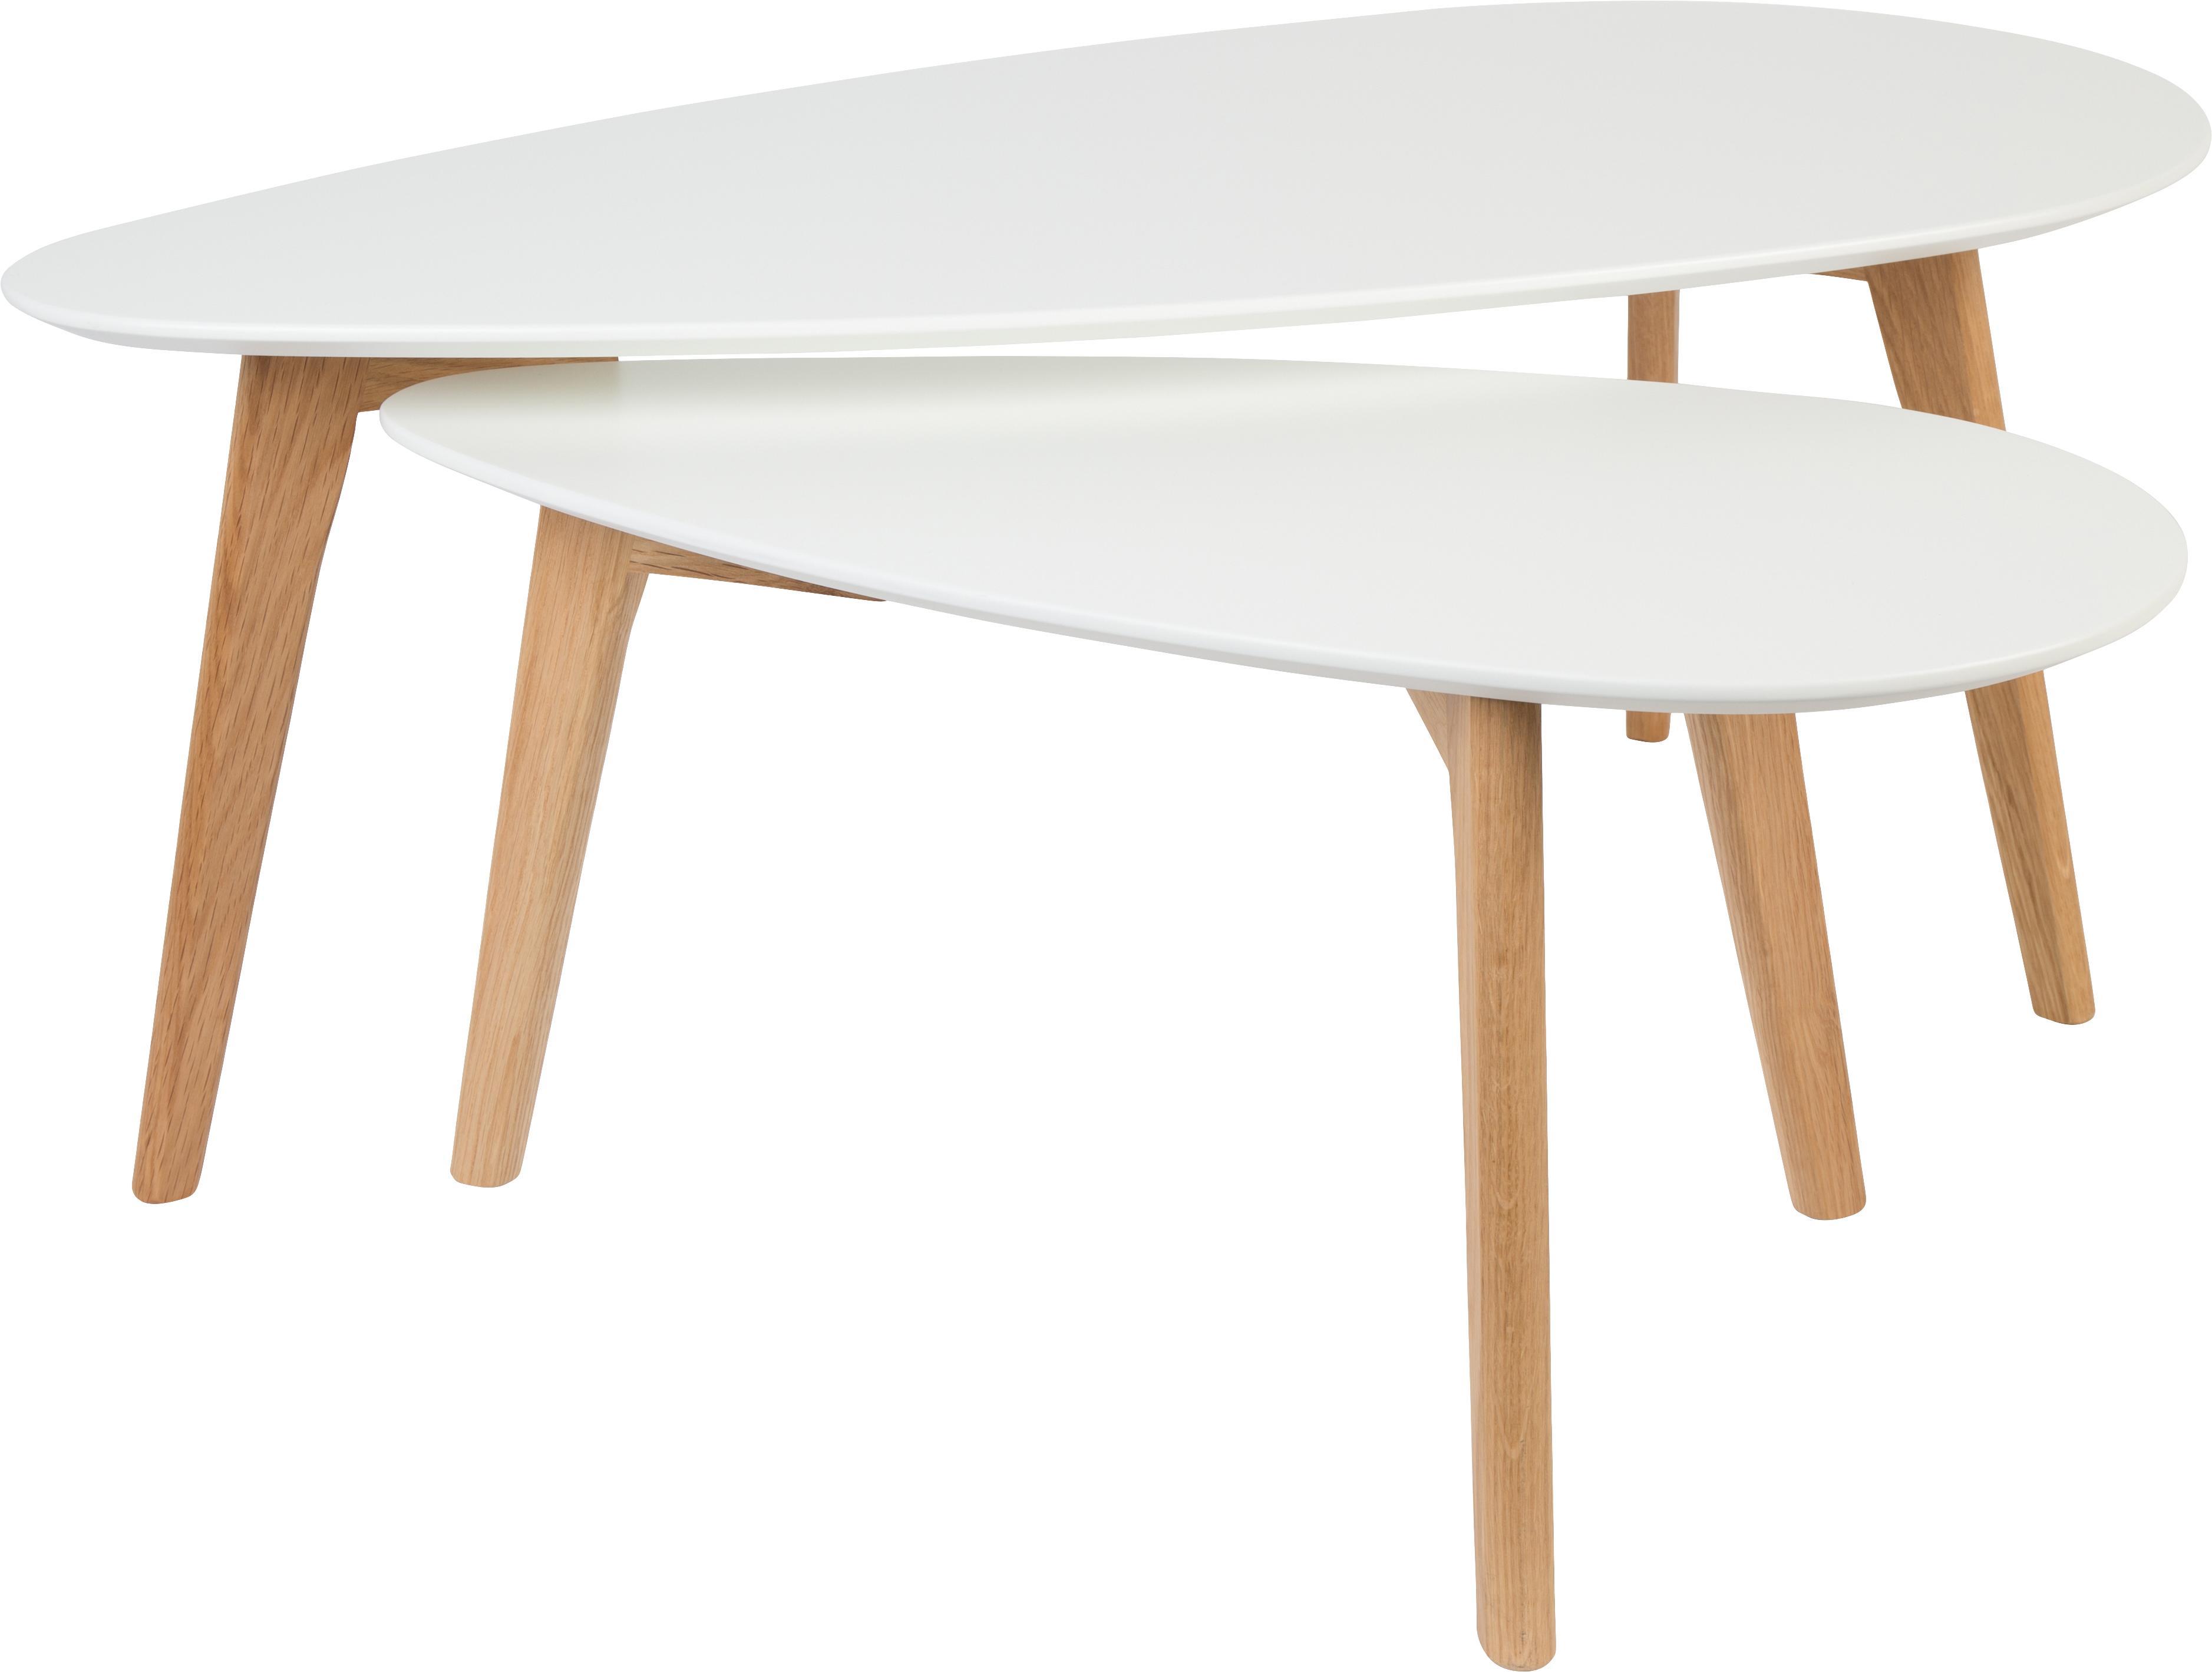 Set de mesas de centro Nordic, 2uds., estilo escandinavo, Tablero: fibras de densidad media, Patas: madera de roble maciza, Blanco, roble, Tamaños diferentes